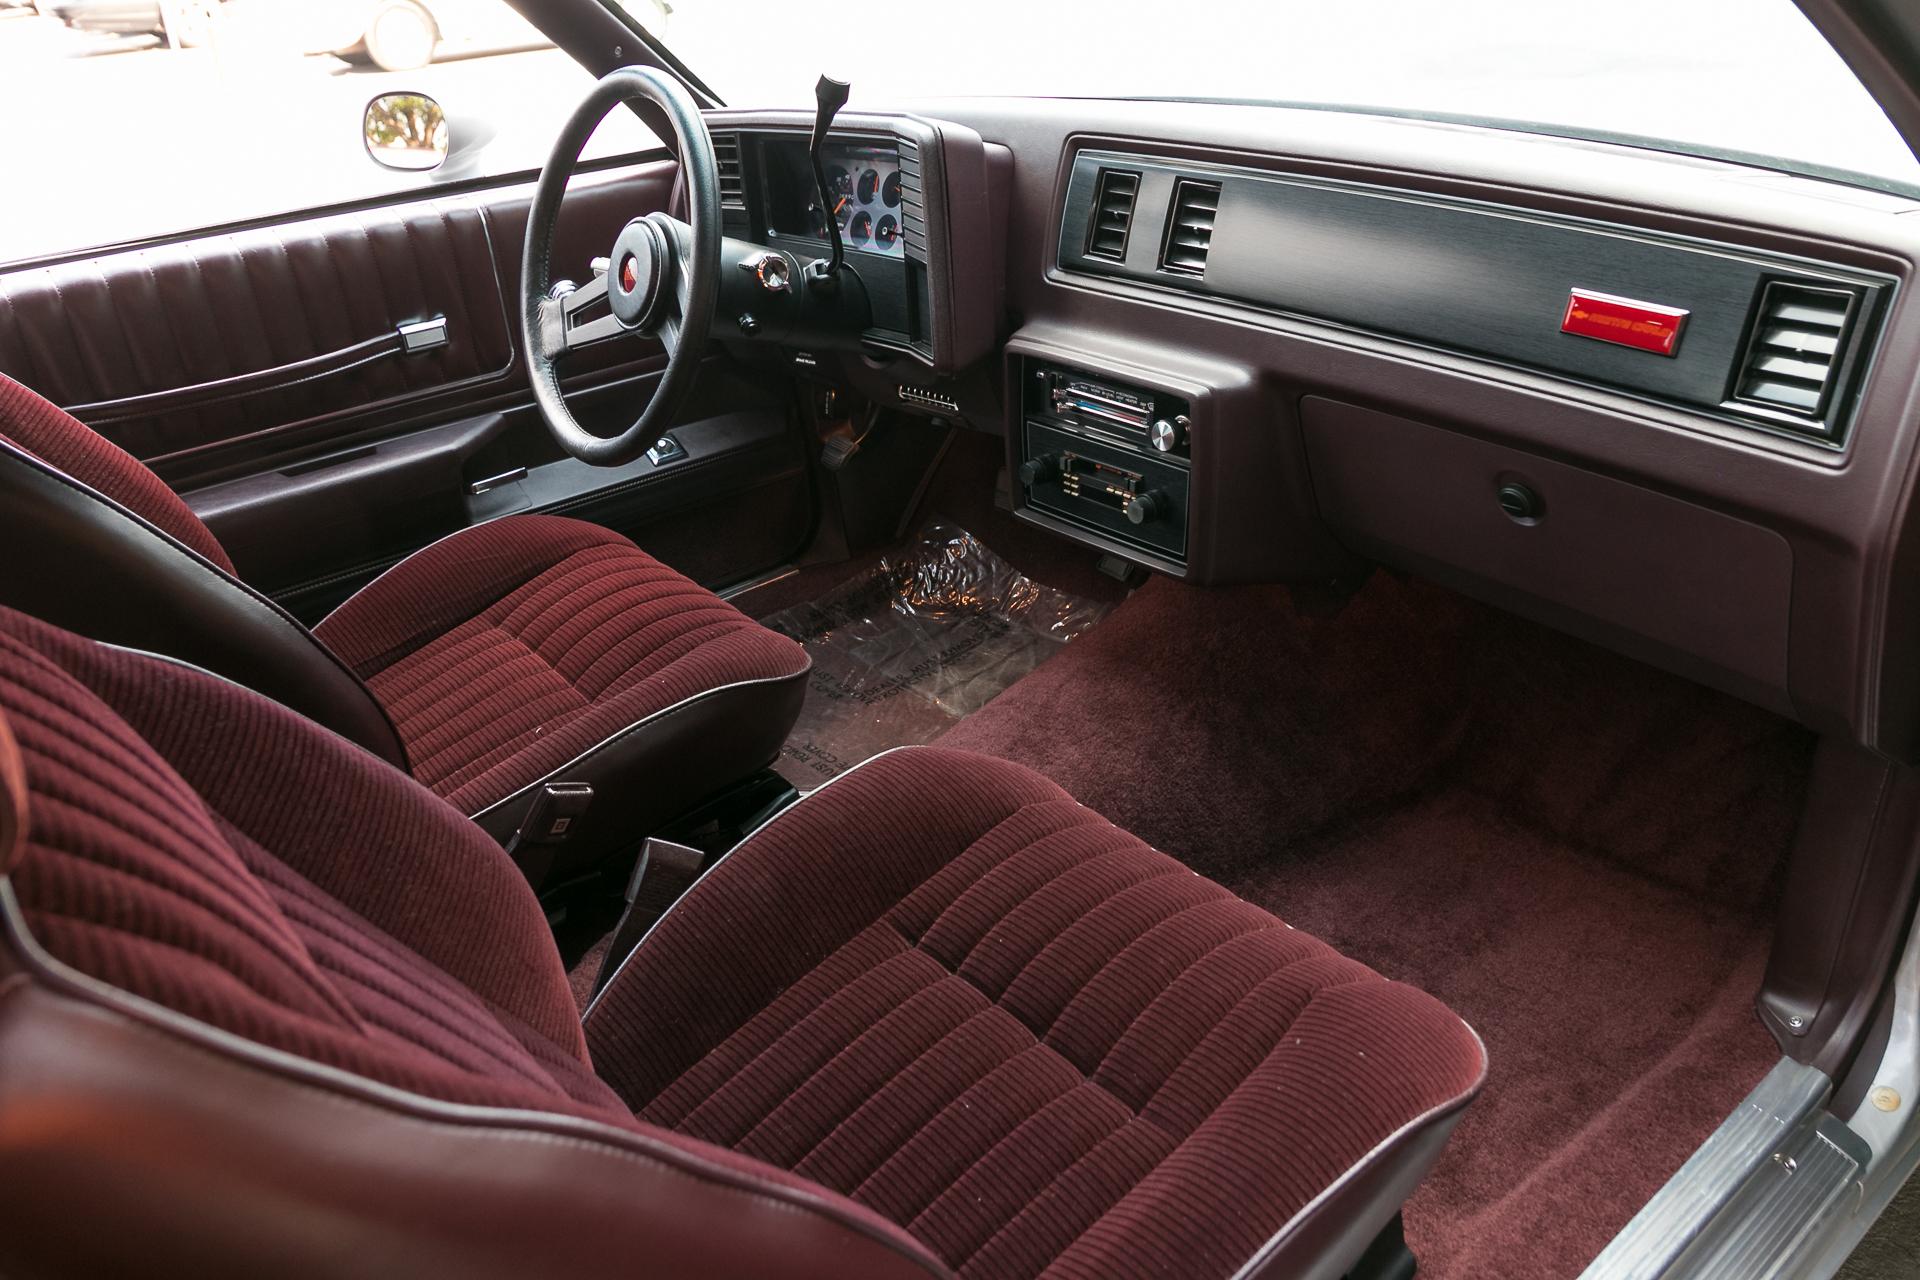 1985 chevrolet monte carlo fast lane classic cars rh fastlanecars com 1987 Chevrolet Monte Carlo 1987 Chevrolet Monte Carlo